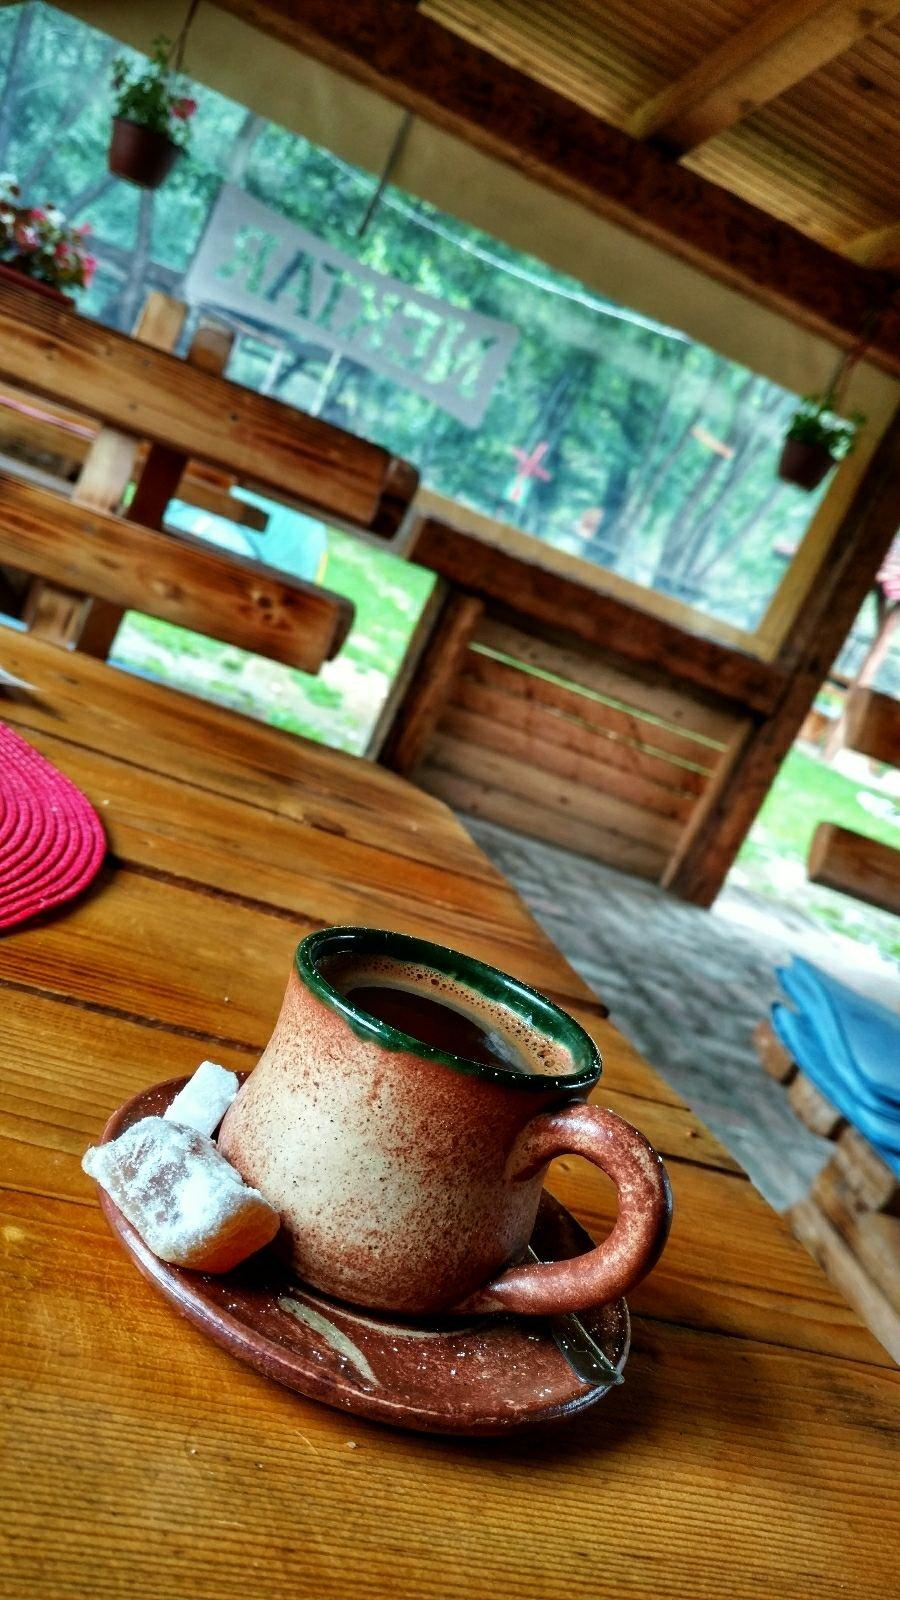 Bosnische koffie drinken | Ik hoor het wel, maar begrijp het niet